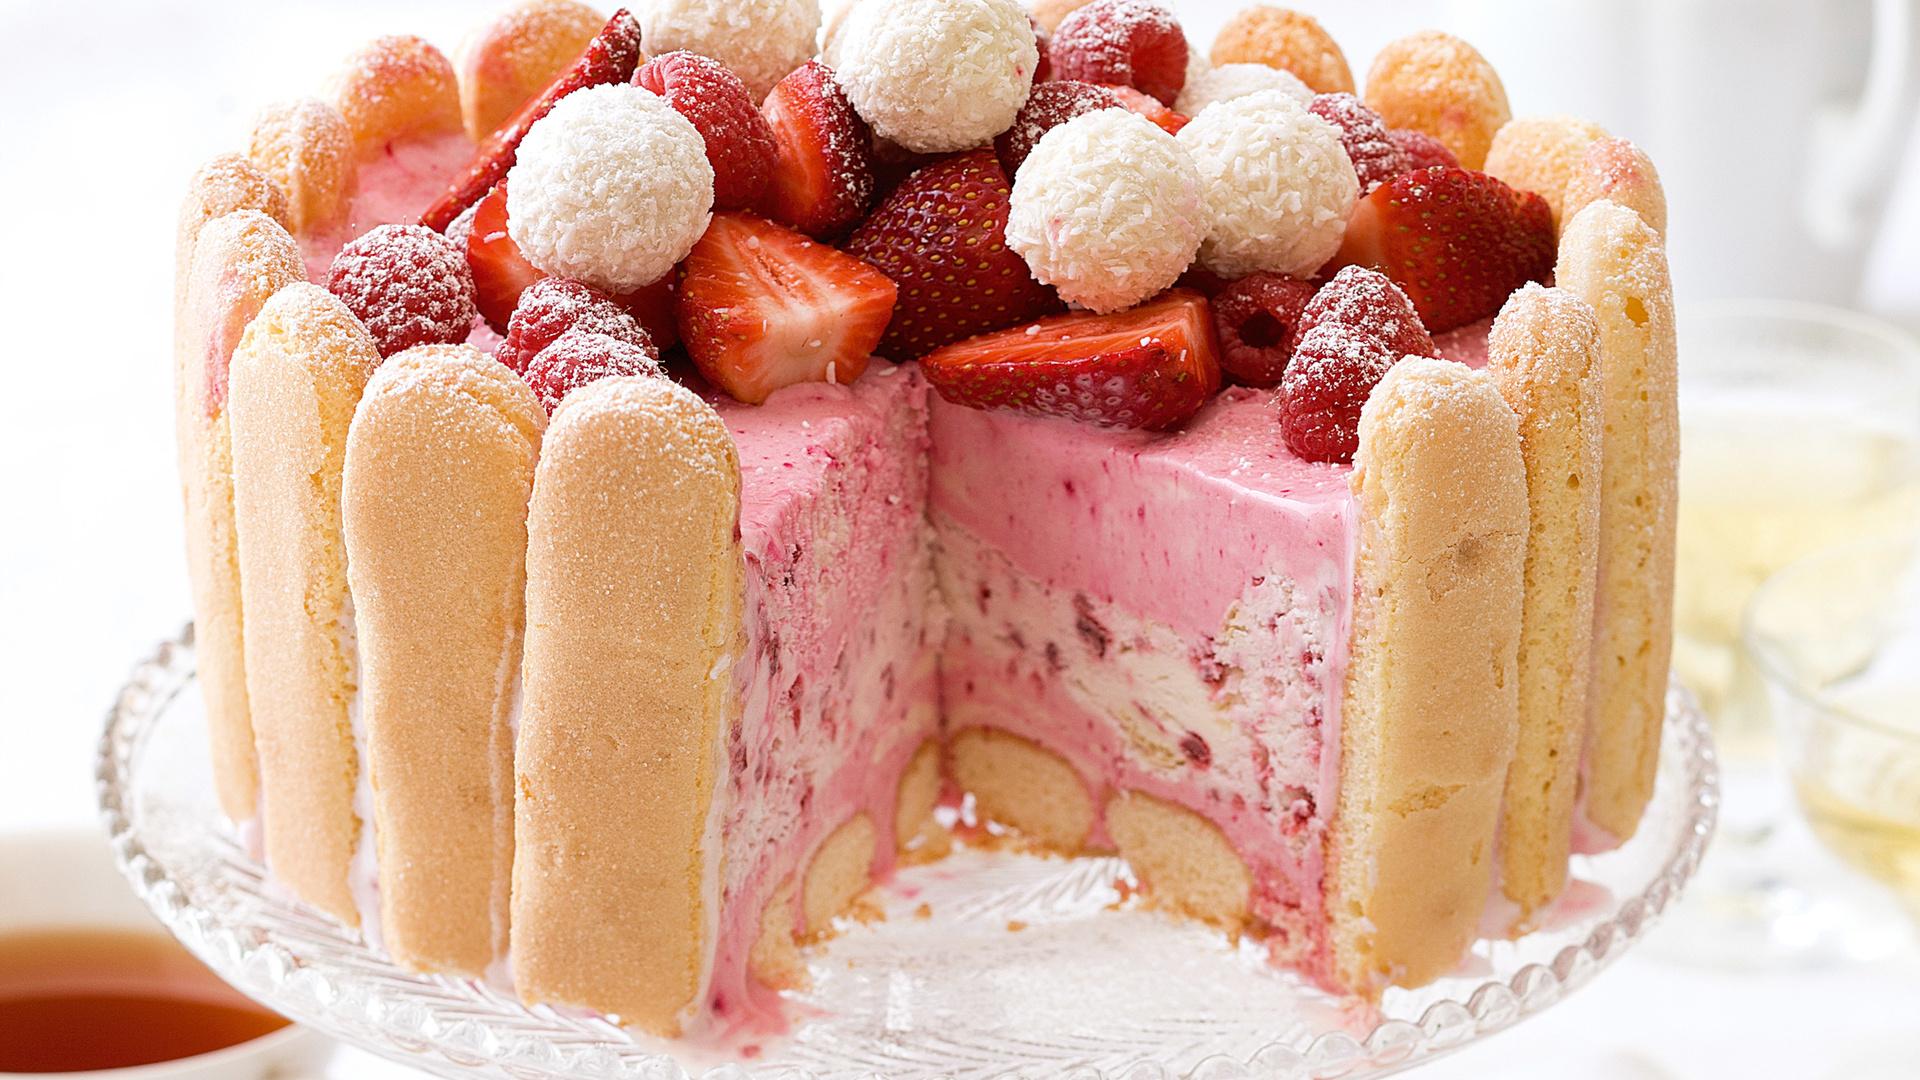 Торт мороженное на свадьбу, замена стандартному угощению